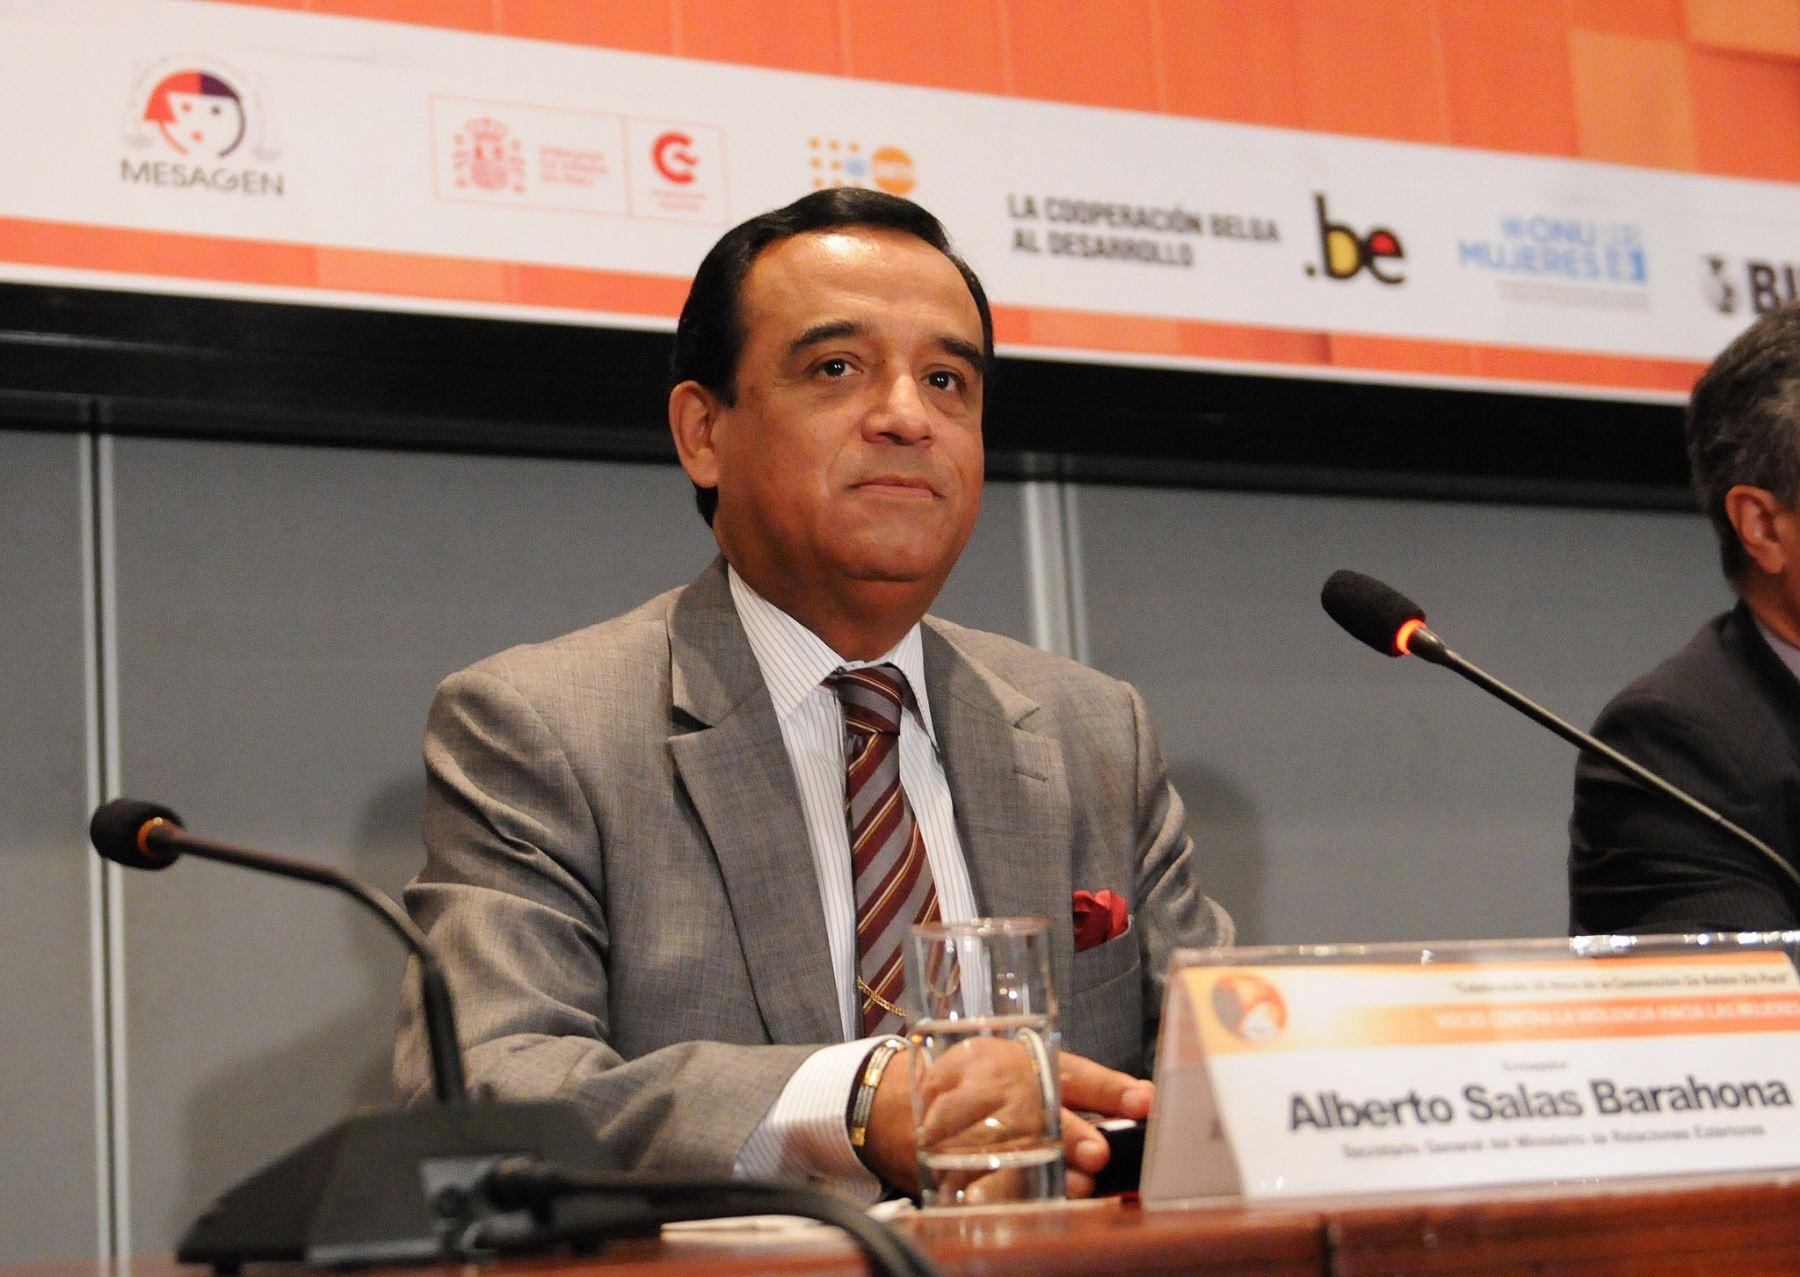 Secretario general del Ministerio de Relaciones Exteriores, Alberto Salas Barahona.